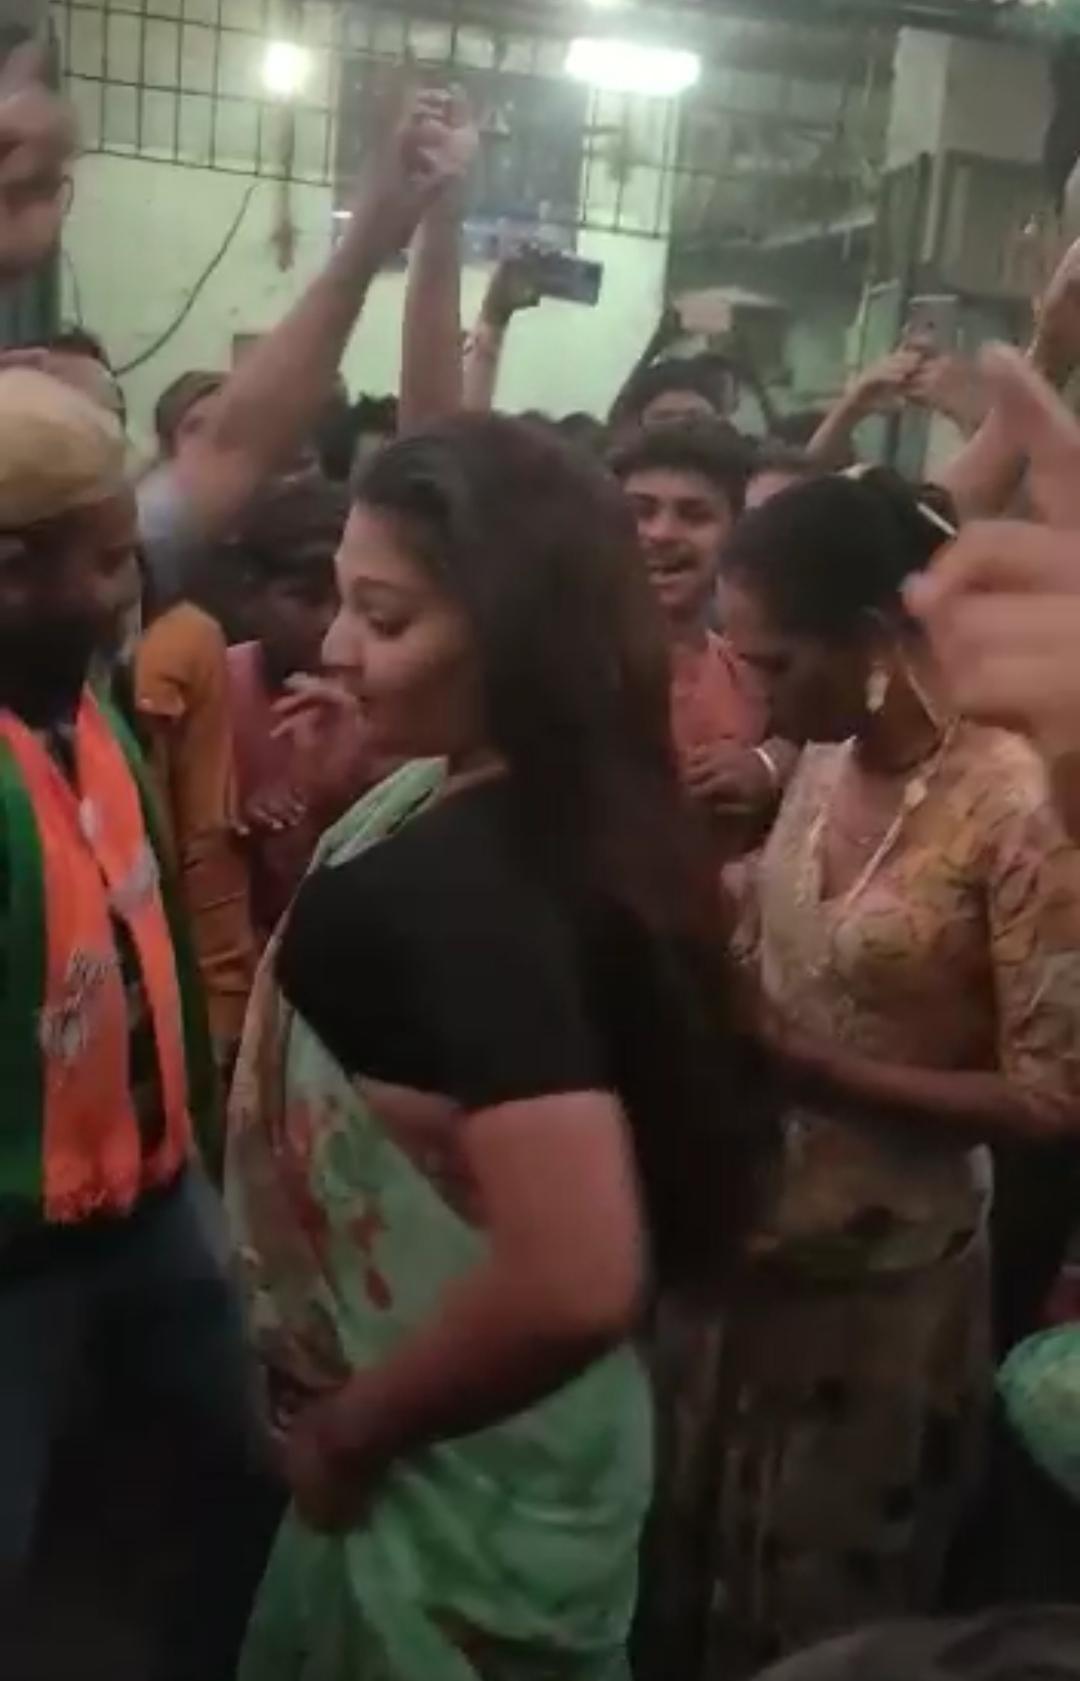 સાવરકુંડલાના વોર્ડ નંબર 7માં આઝાદી પછી પ્રથમવાર ભાજપના ઉમેદવારની જીત થતા કાર્યકર્તાઓએ કિન્નરો સાથે ડાન્સ કરી ઉજવણી કરી, સોશિયલ ડીસ્ટંસ અને માસ્ક પહેરવાનું ભૂલ્યા અમરેલી,Amreli - Divya Bhaskar